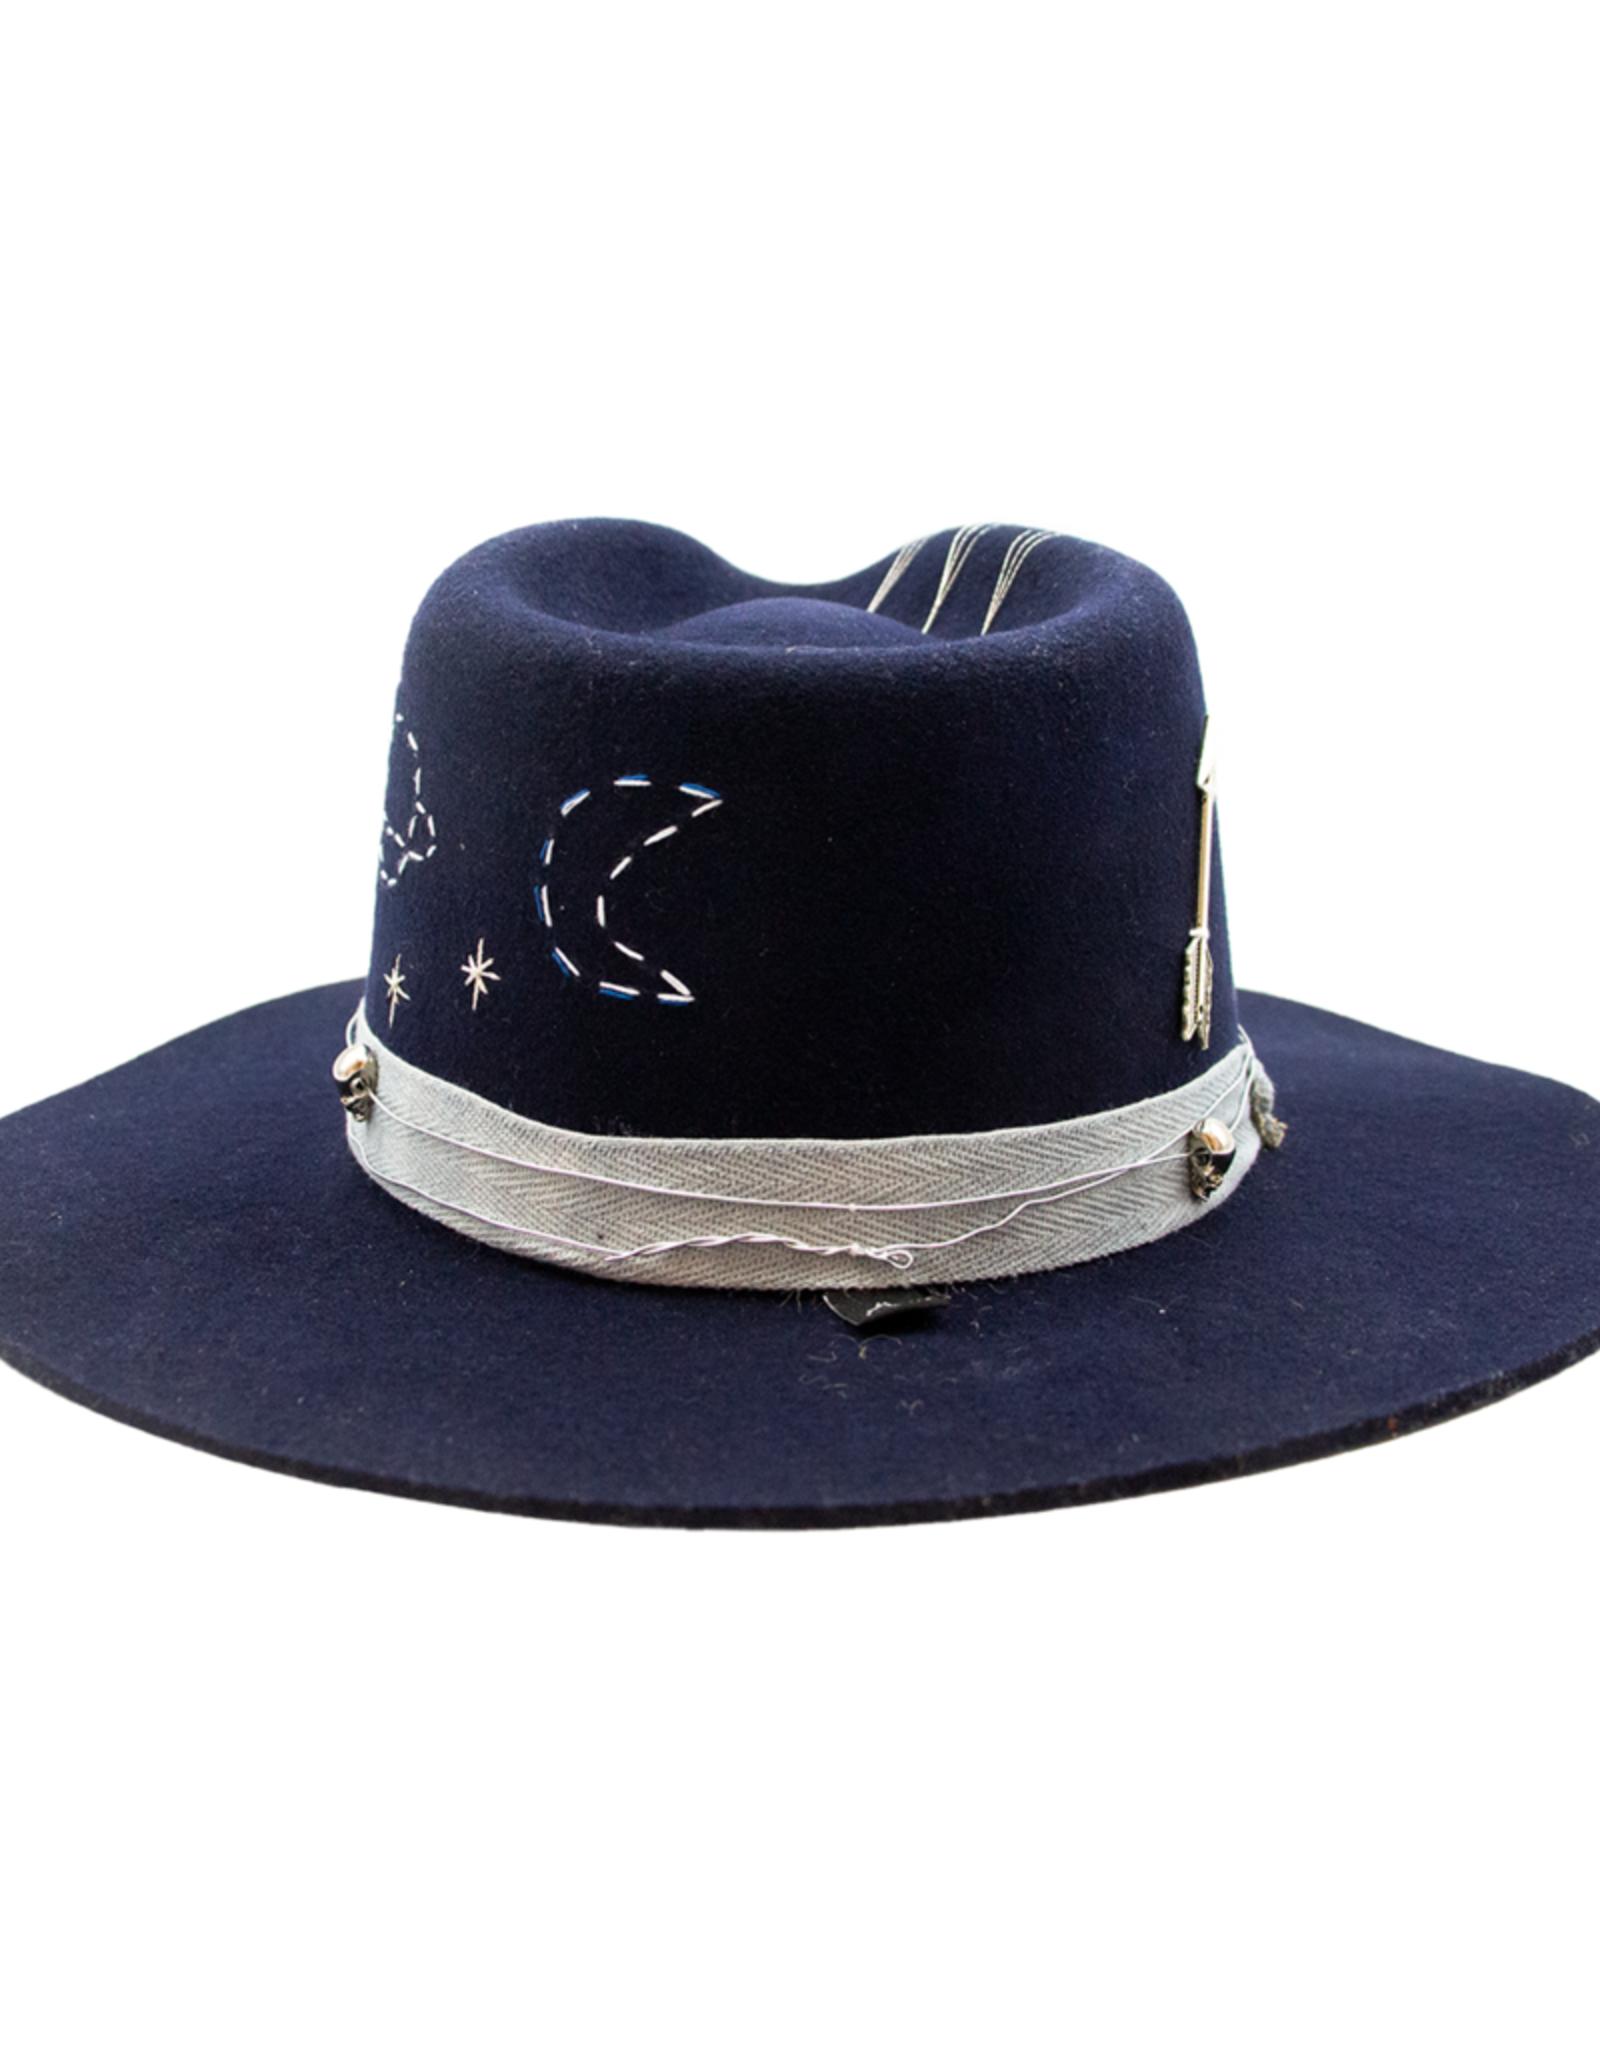 """Tuluminati Nakawe """"Owner of stars"""" Hat Navy"""